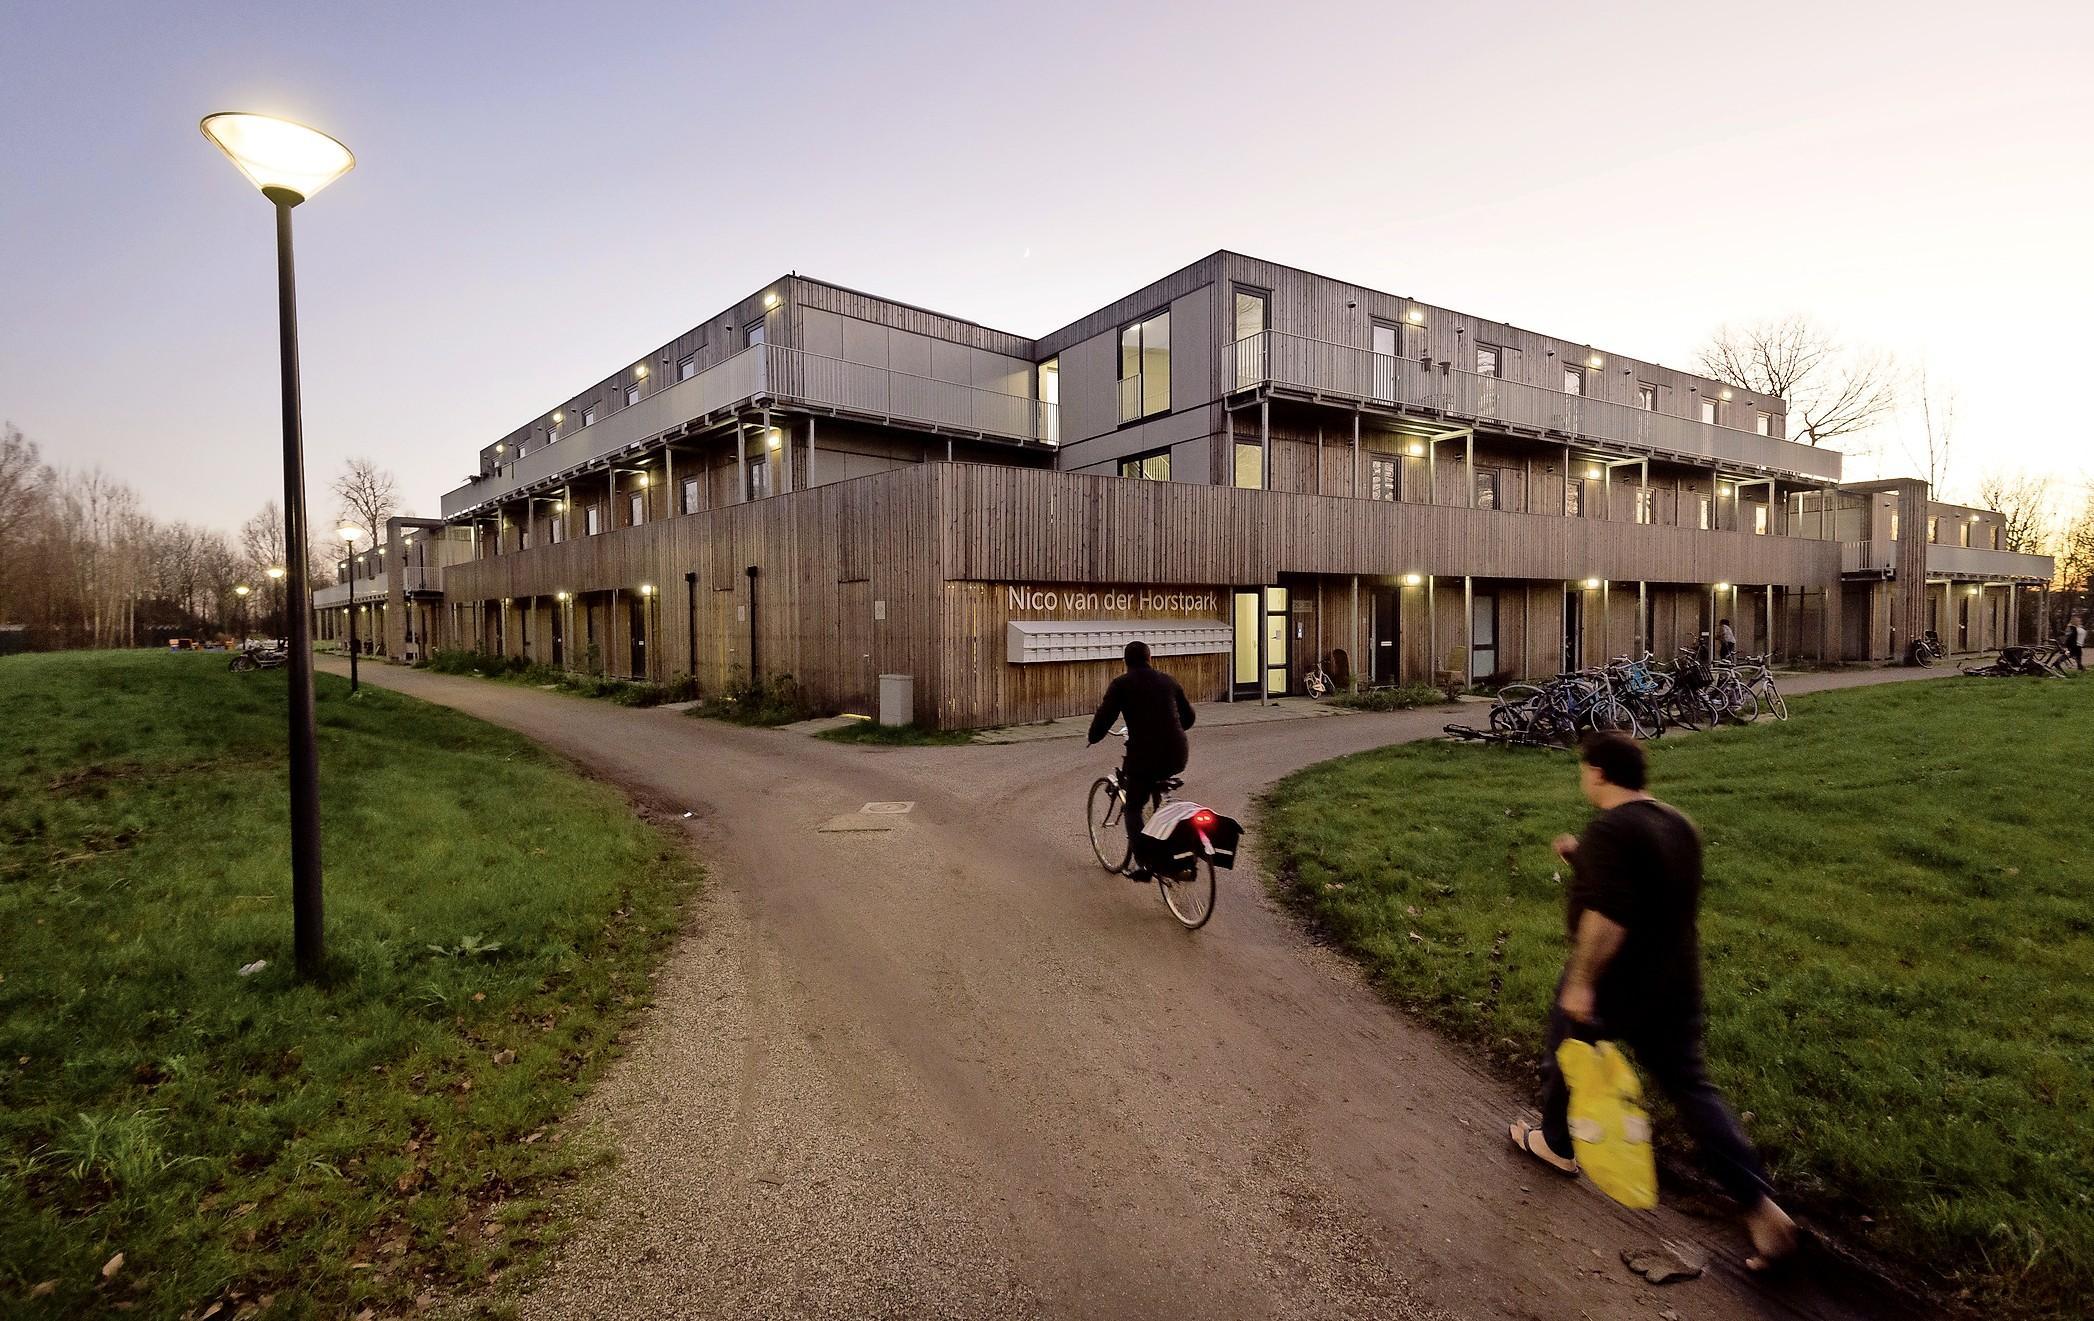 Samenwonen voor beginners in het Leidse Nico van der Horstpark